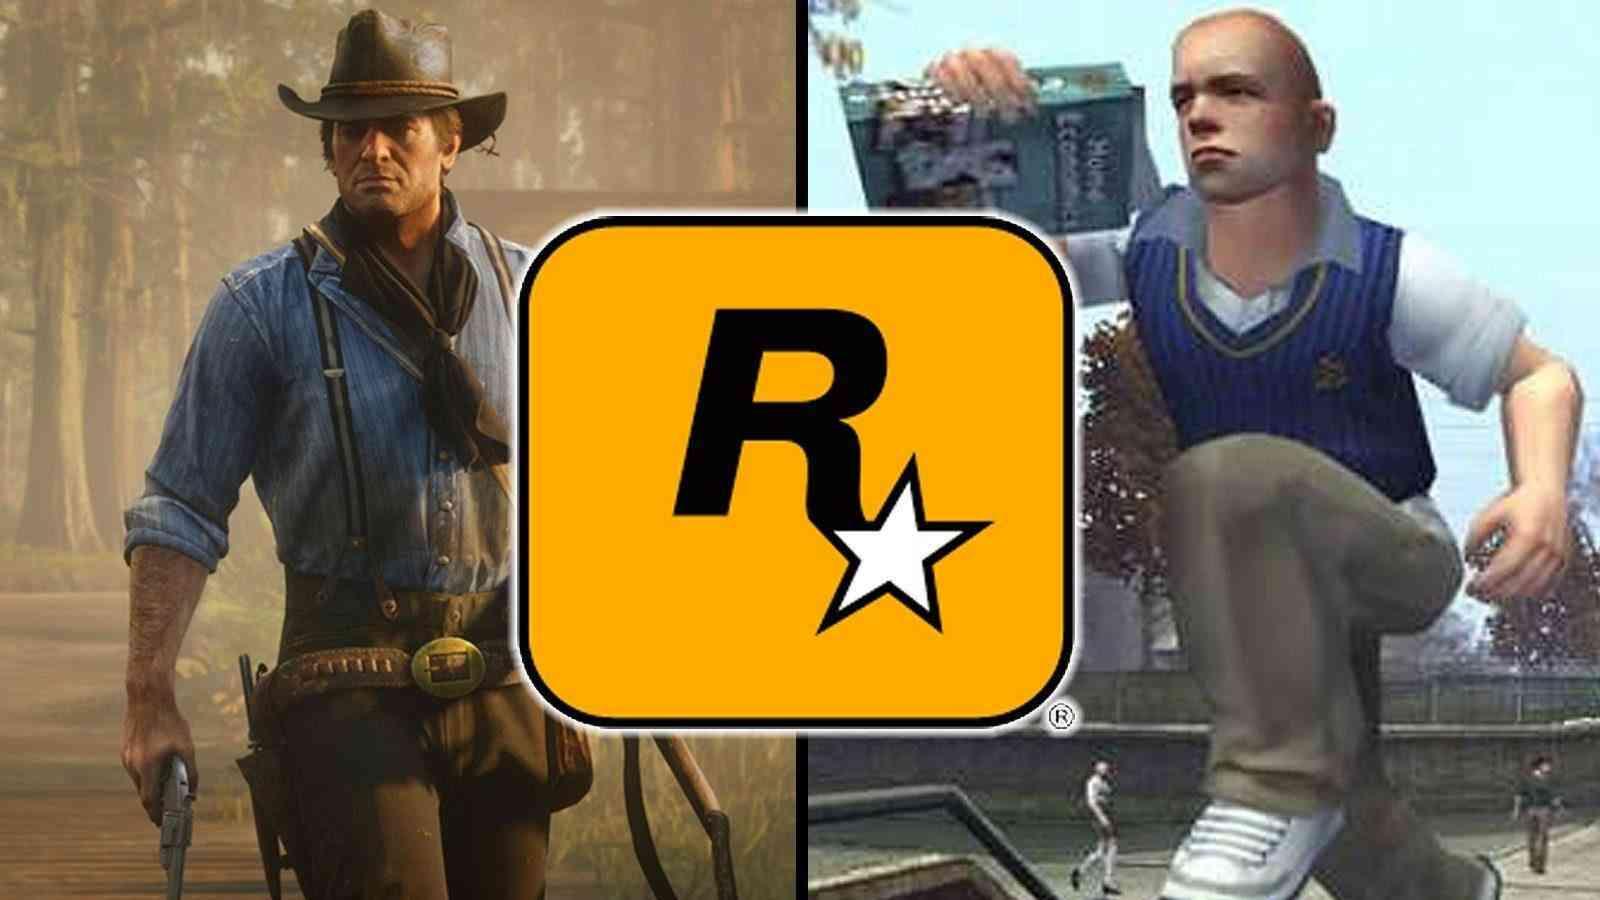 O 'Projeto Bonaire' da Rockstar Games despertou o interesse dos fãs da produtora, principalmente os de Bully 2 e Red Dead Redemption 2, agora o mistério sobre o que realmente é se aprofundou ainda mais.